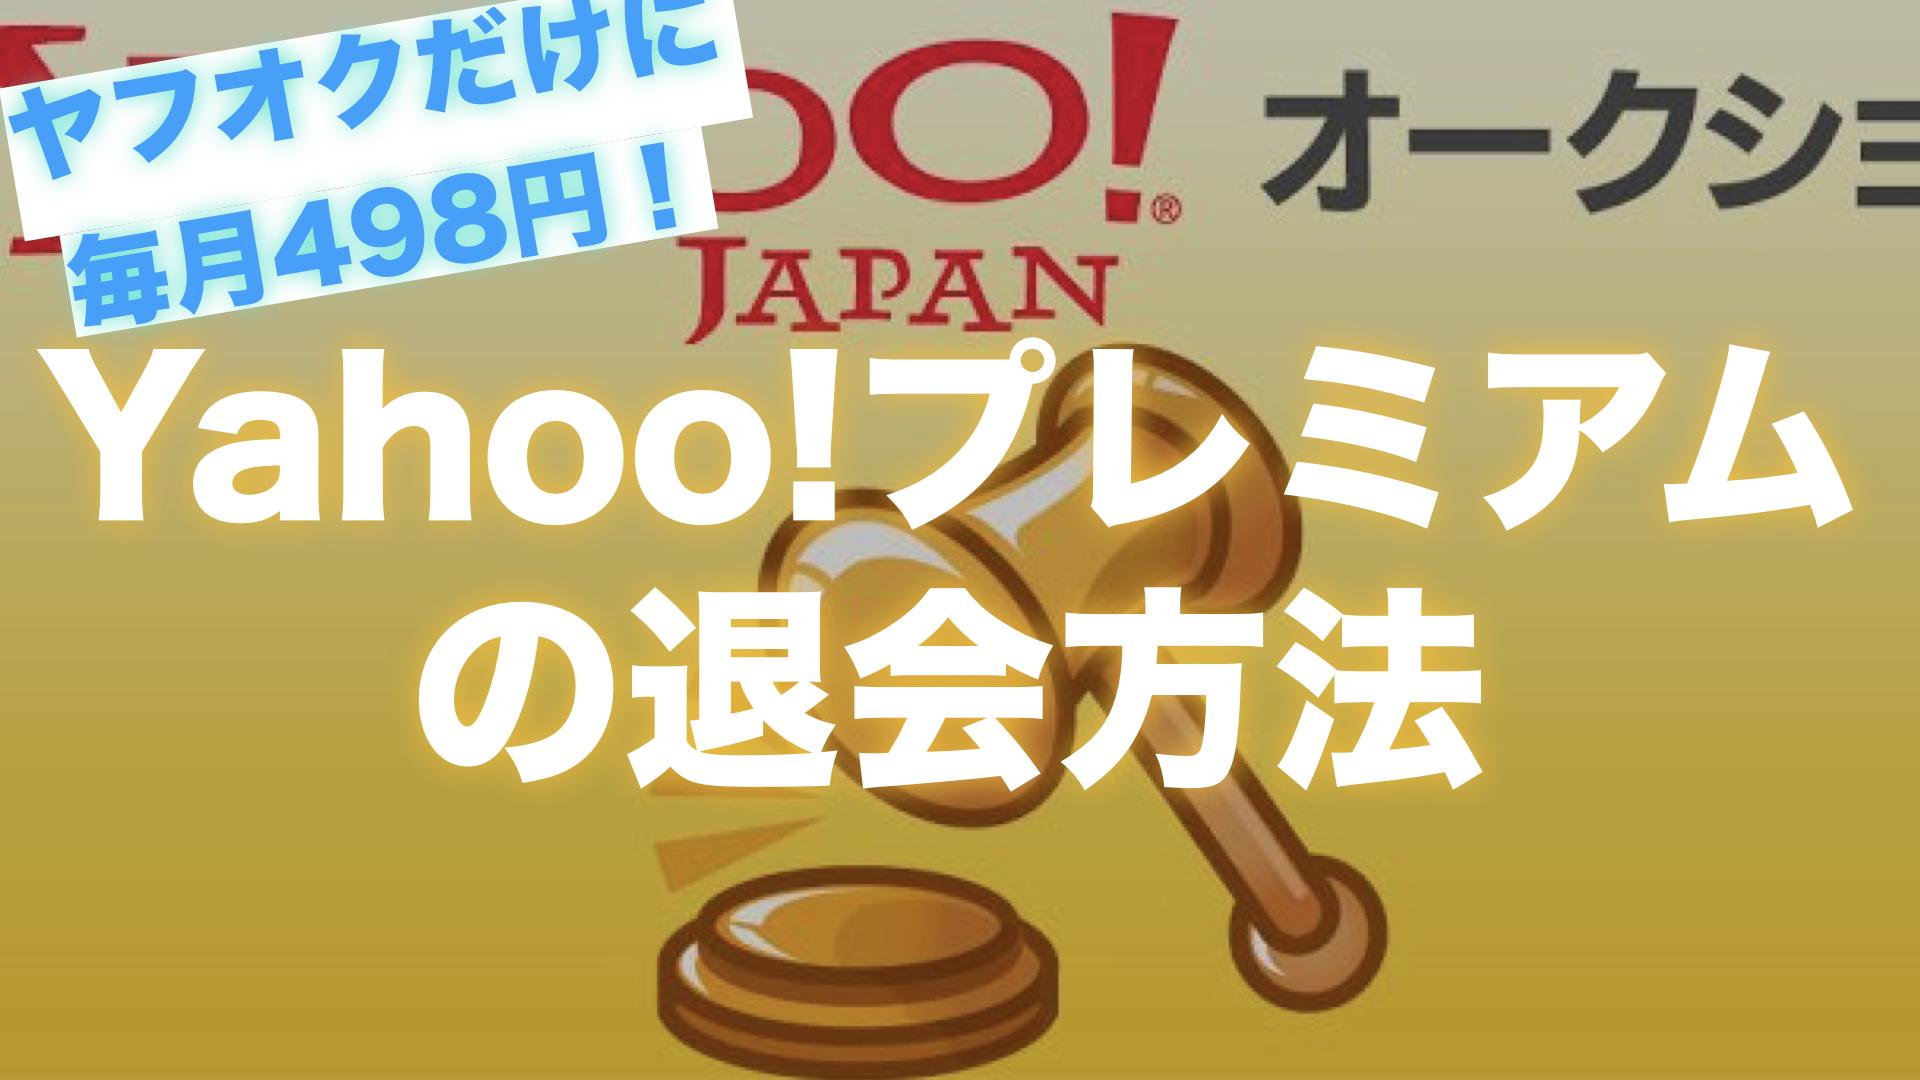 ヤフオクだけのために毎月498円?Yahoo!プレミアムの解約方法